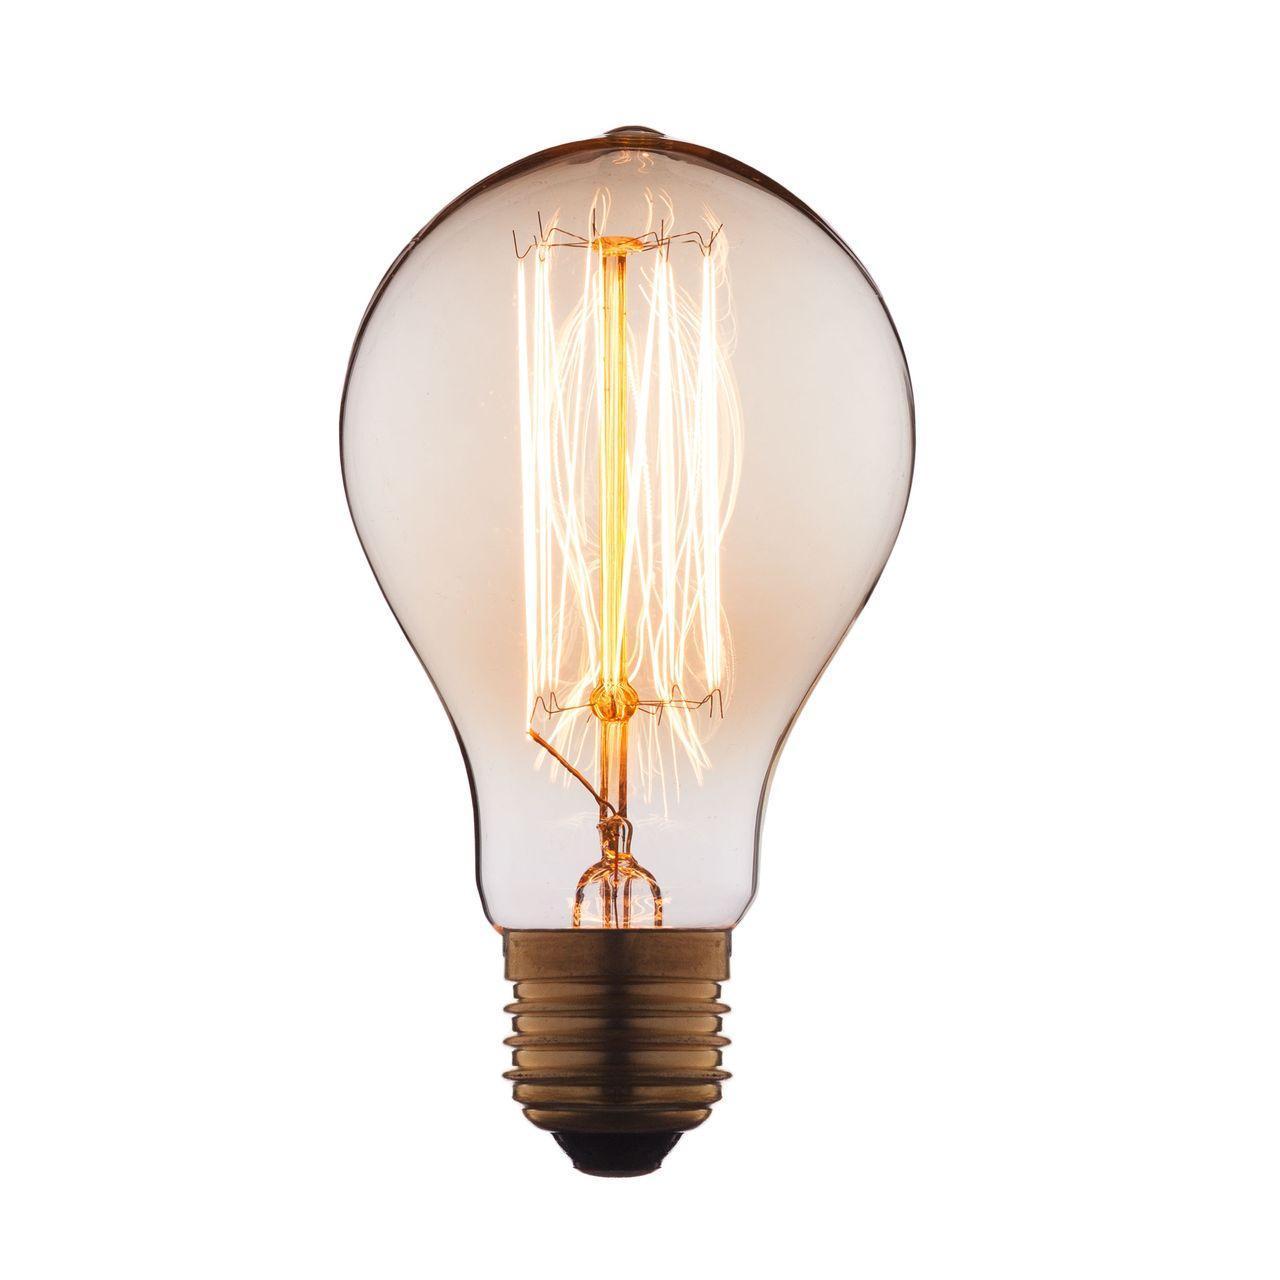 Лампа накаливания E27 40W прозрачная 7540-SC loft it лампа накаливания loft it груша прозрачная e27 40w 7540 t